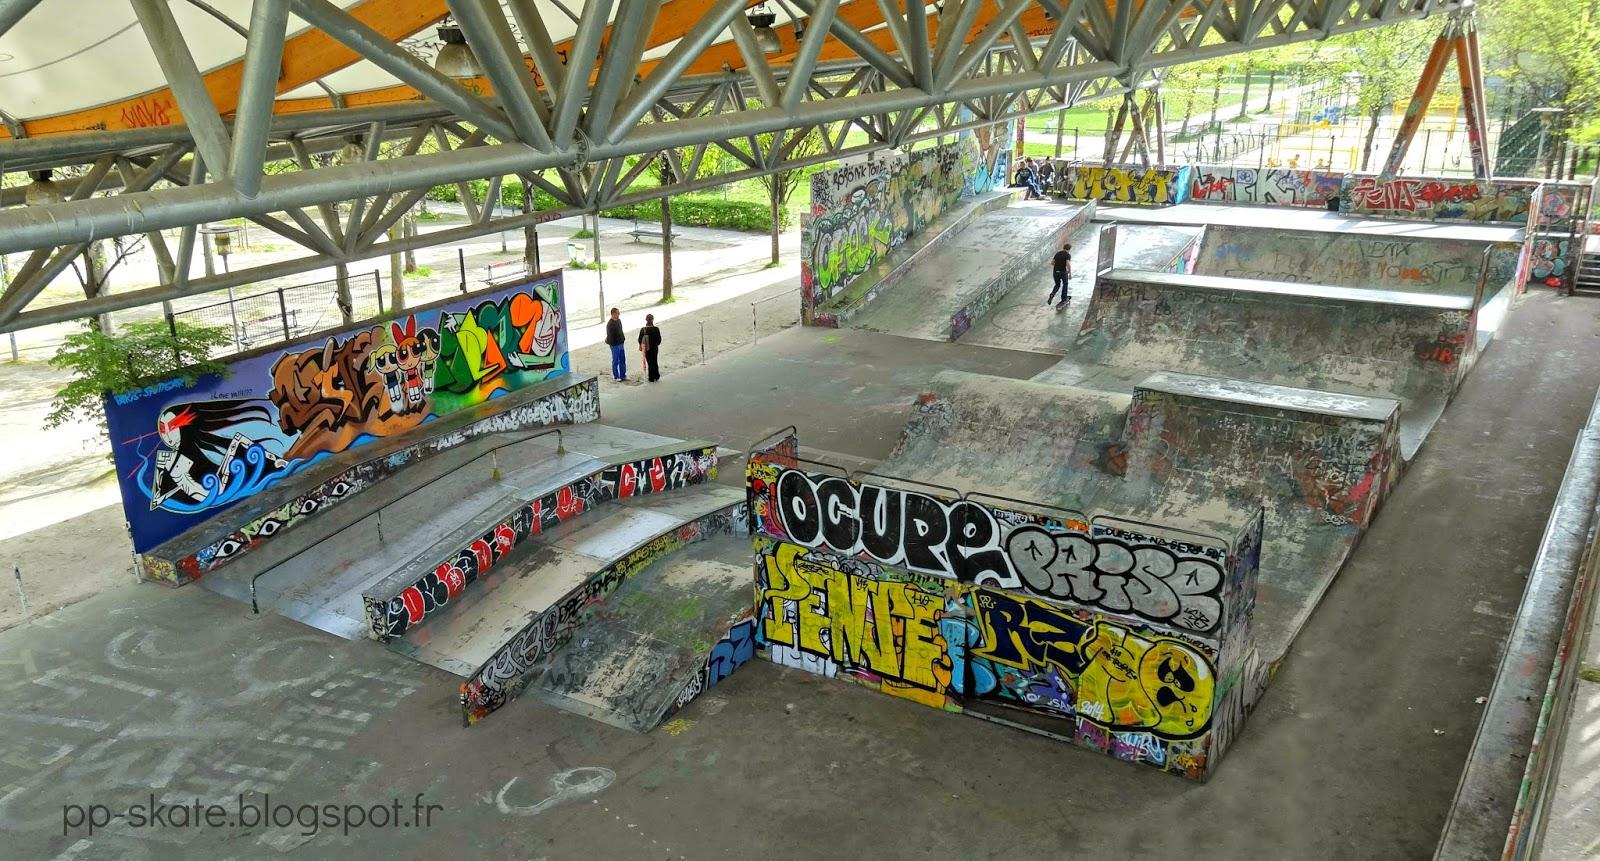 Le skatepark parisien de porte 28 images skateparks for Audi zanetti maison alfort